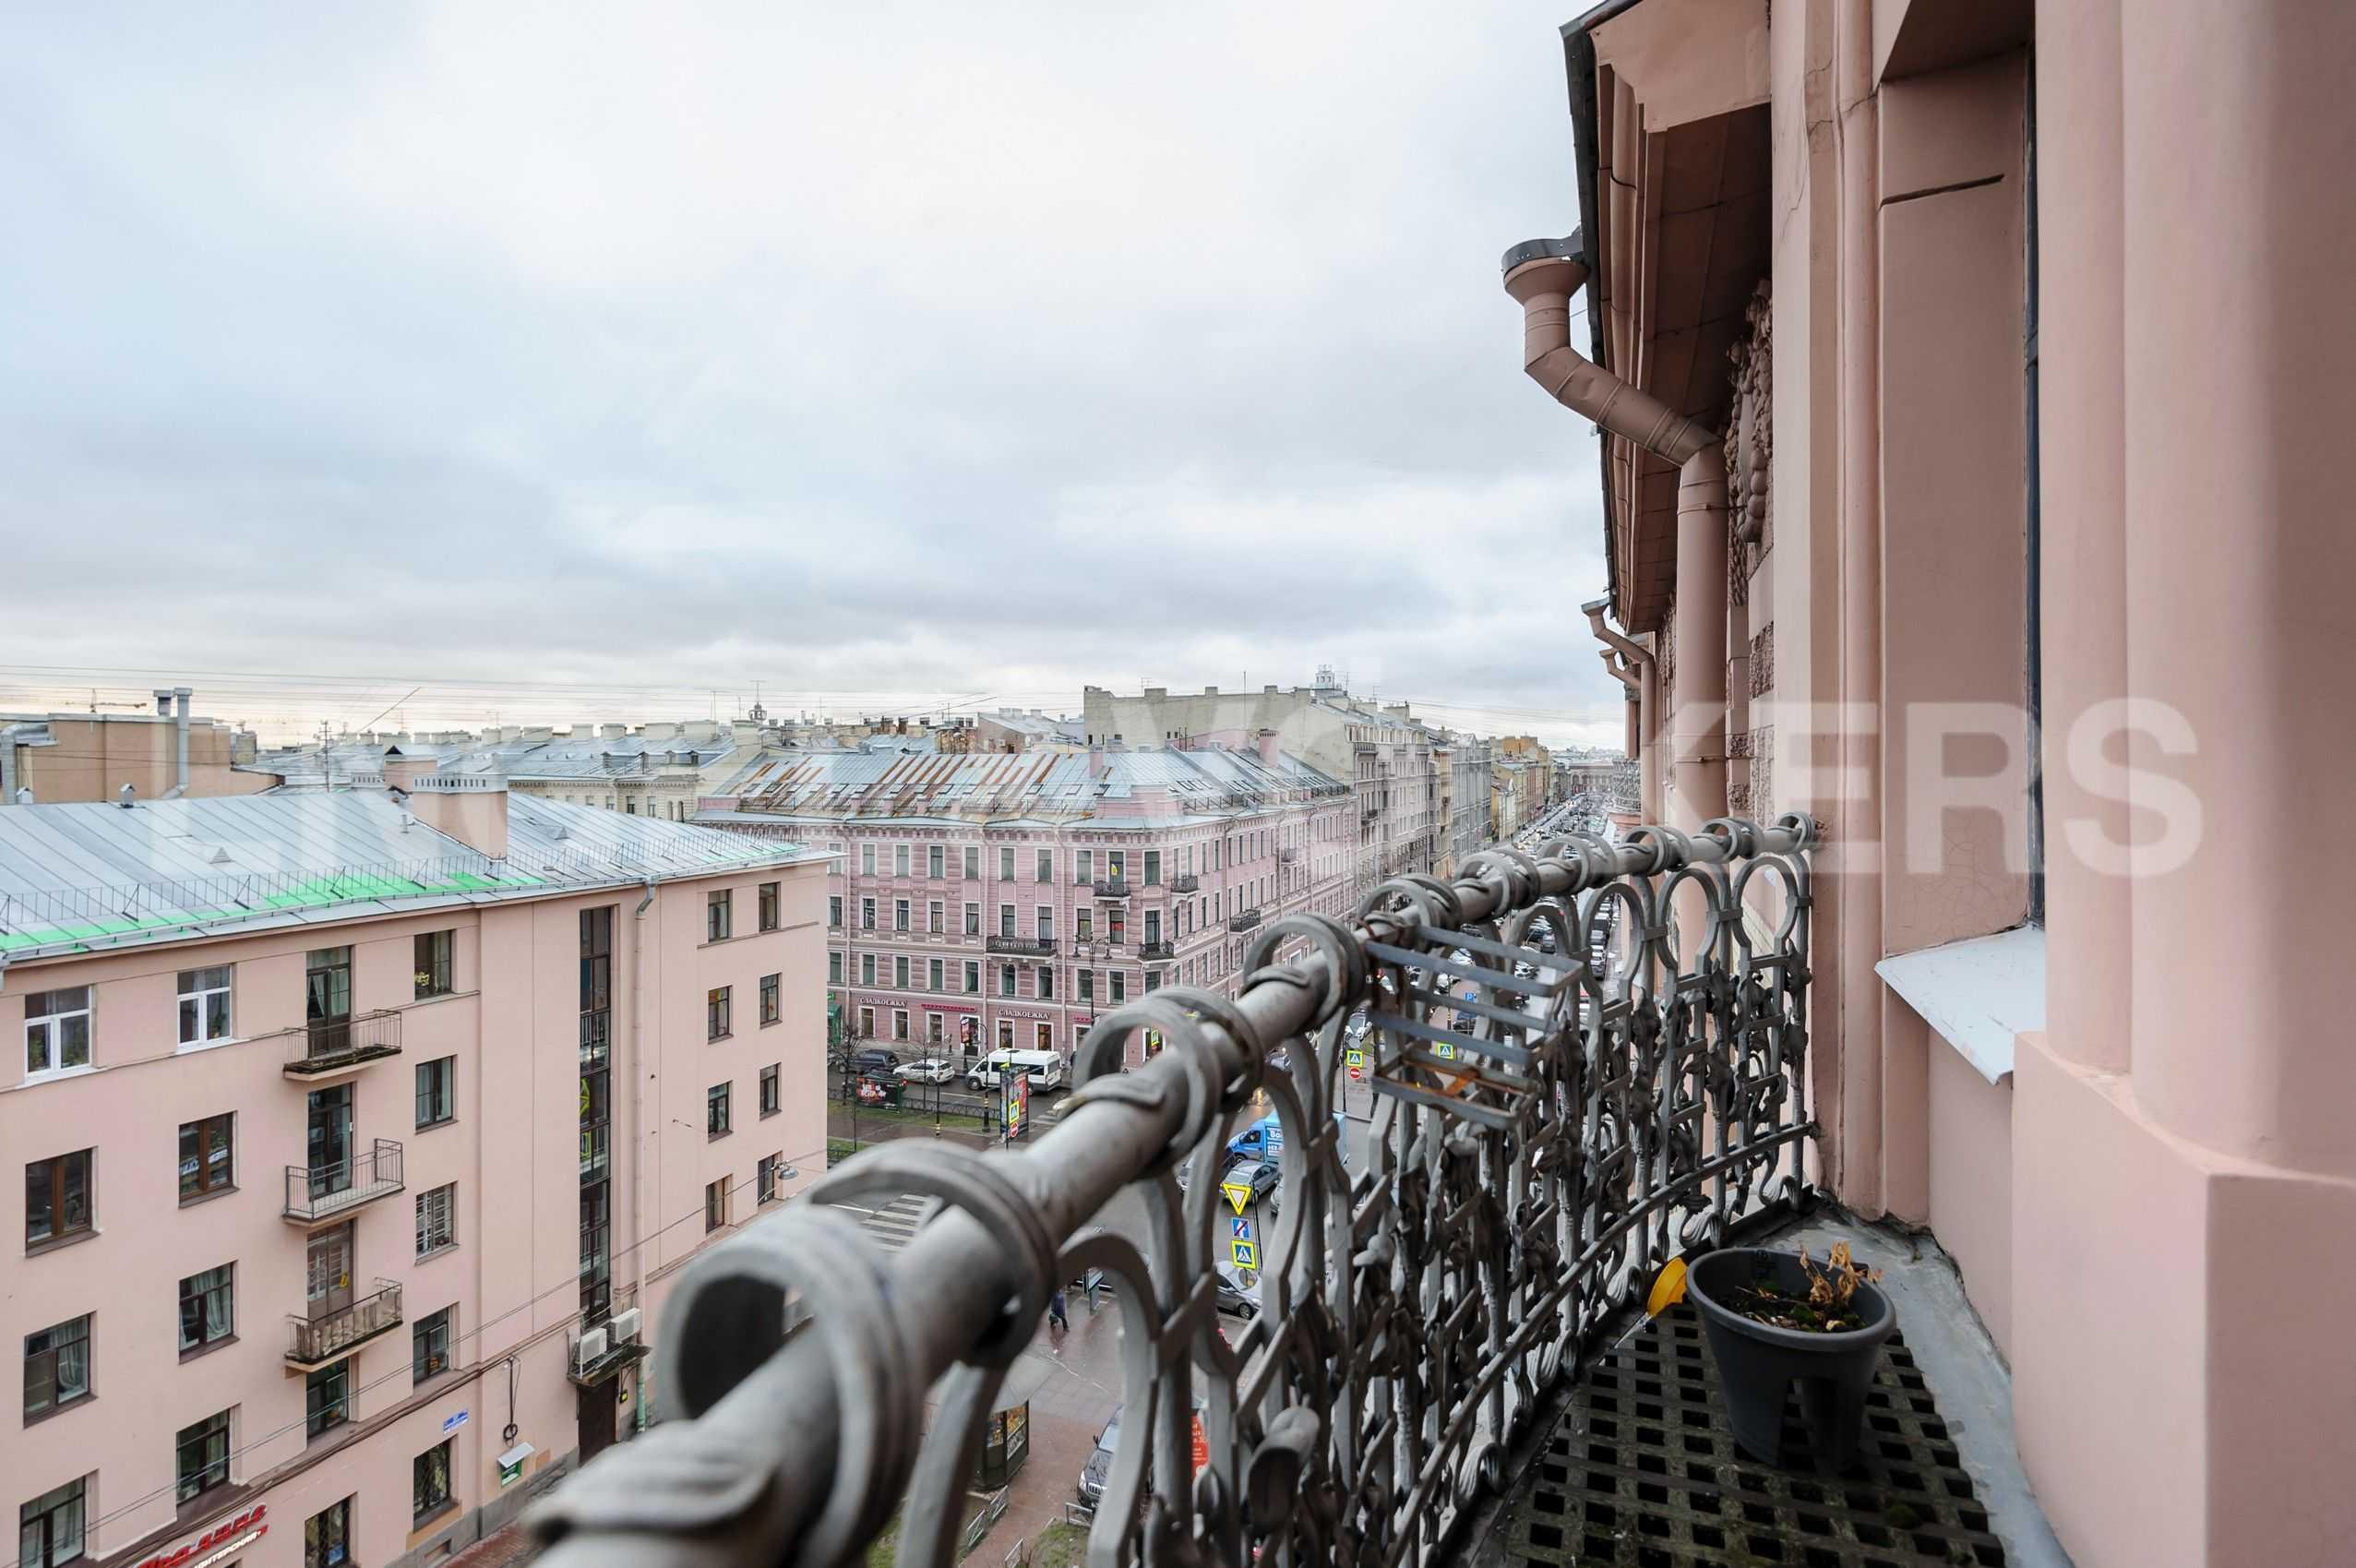 Элитные квартиры в Центральном районе. Санкт-Петербург, Захарьевская, 16. Вид с балкона в сторону исторического центра Петербурга